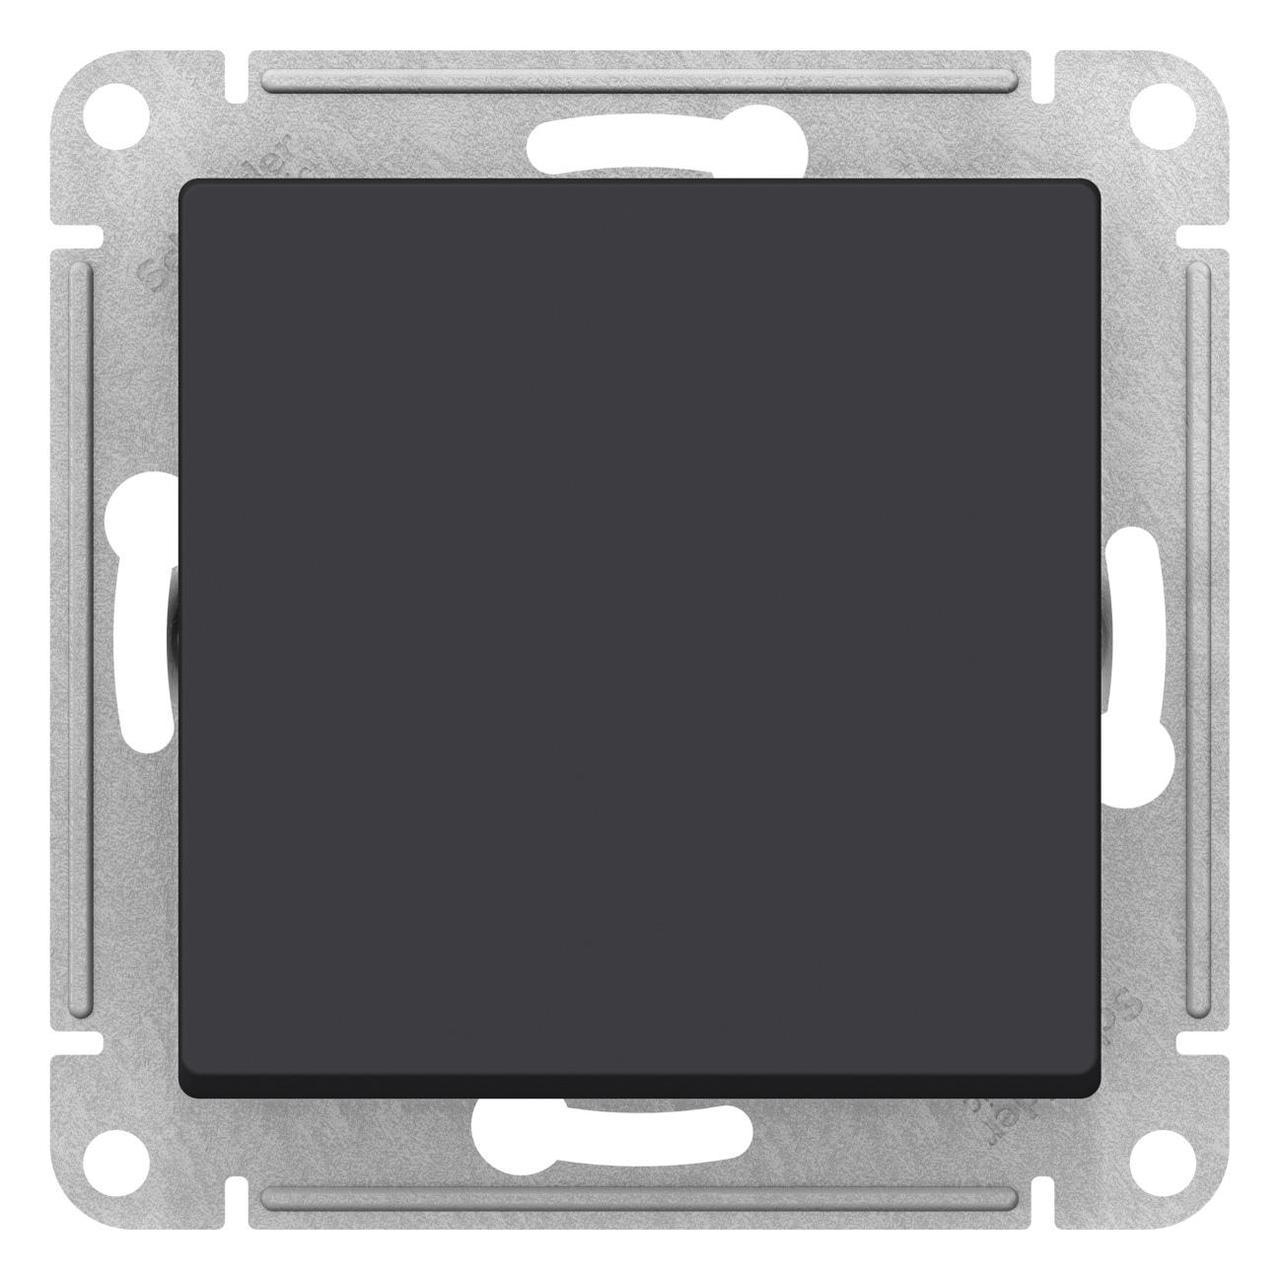 Выключатель 1-клавишный, перекрестный (с трех мест) , Карбон, серия Atlas Design, Schneider Electric